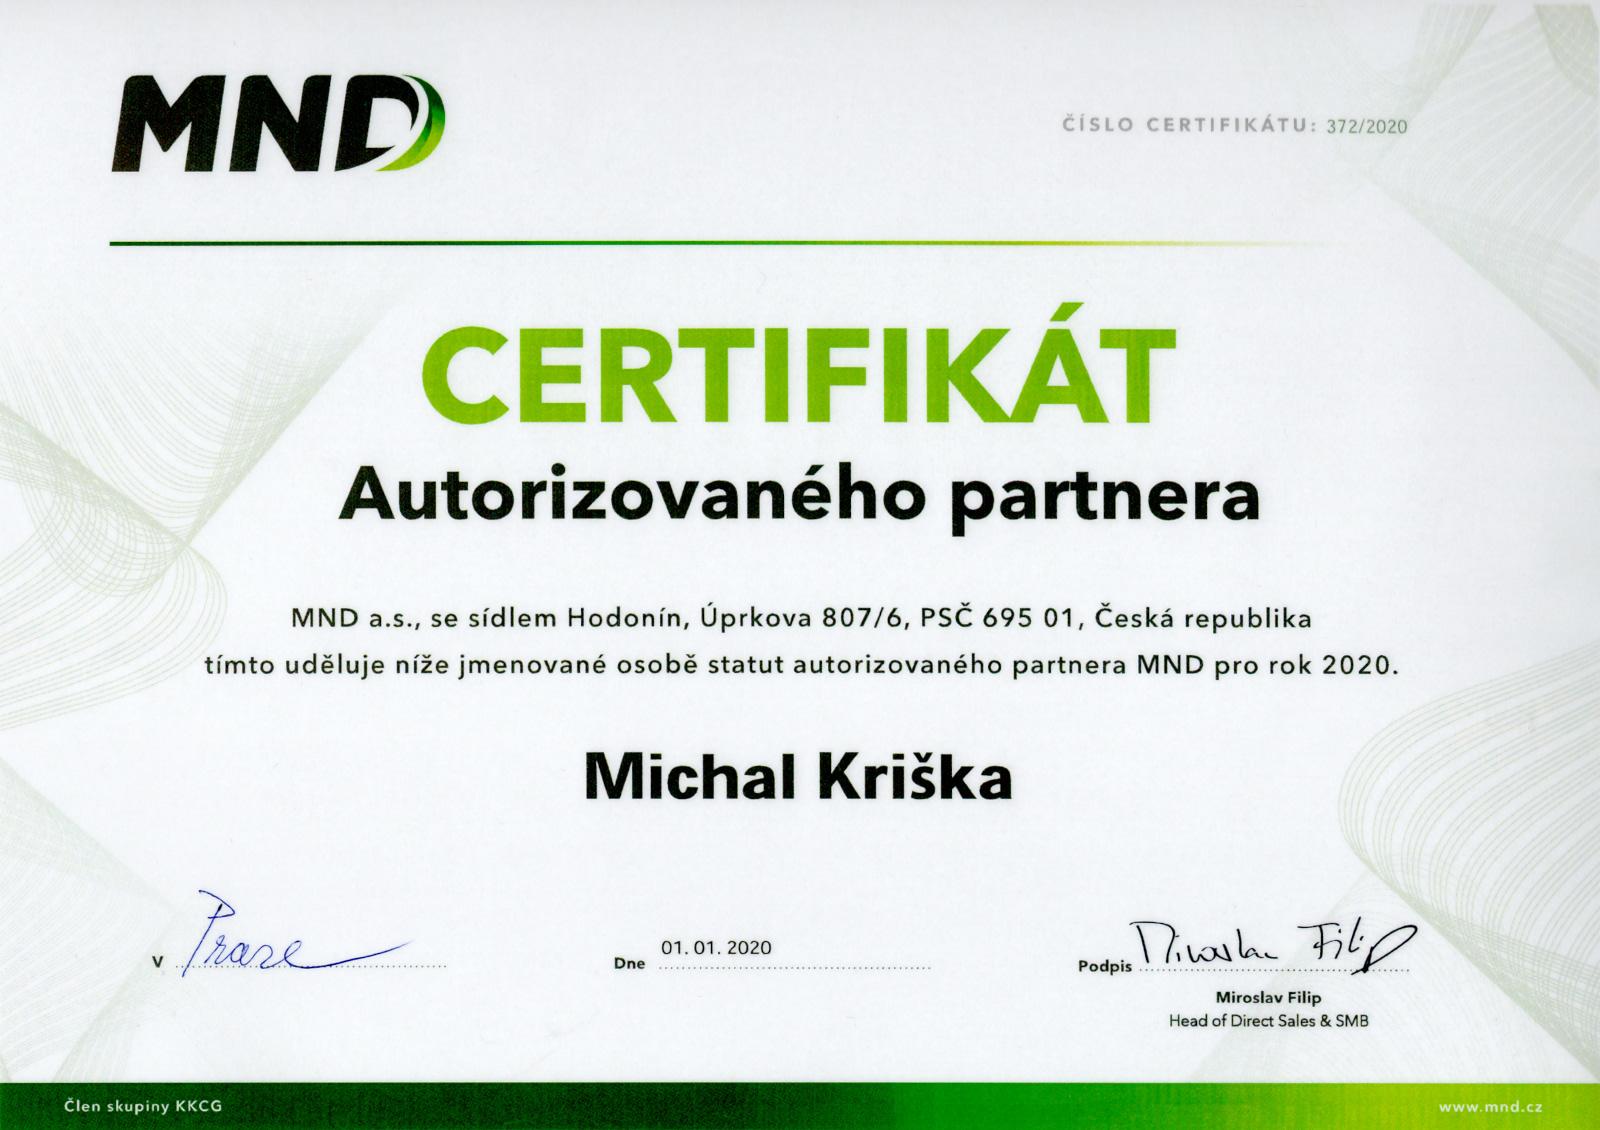 MND energie z první ruky, výhodně a bez závazků